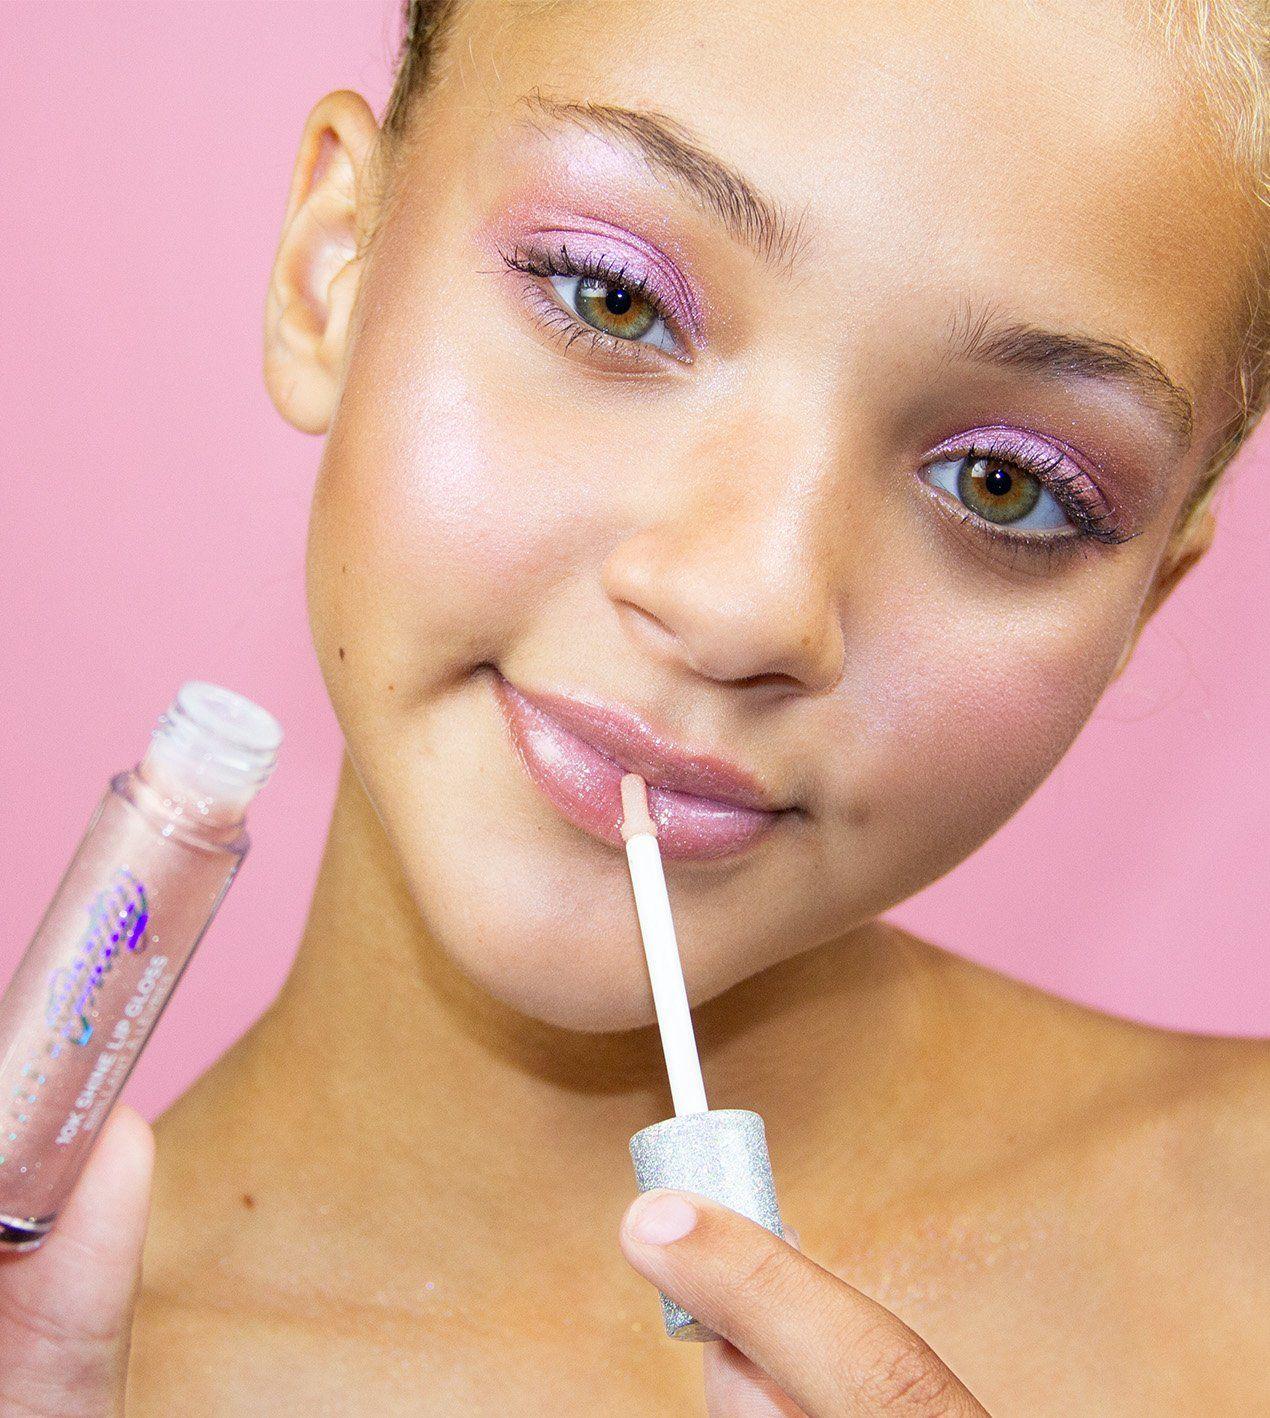 10K Shine™ Lip Gloss in 2020 Kids makeup, Beauty kids